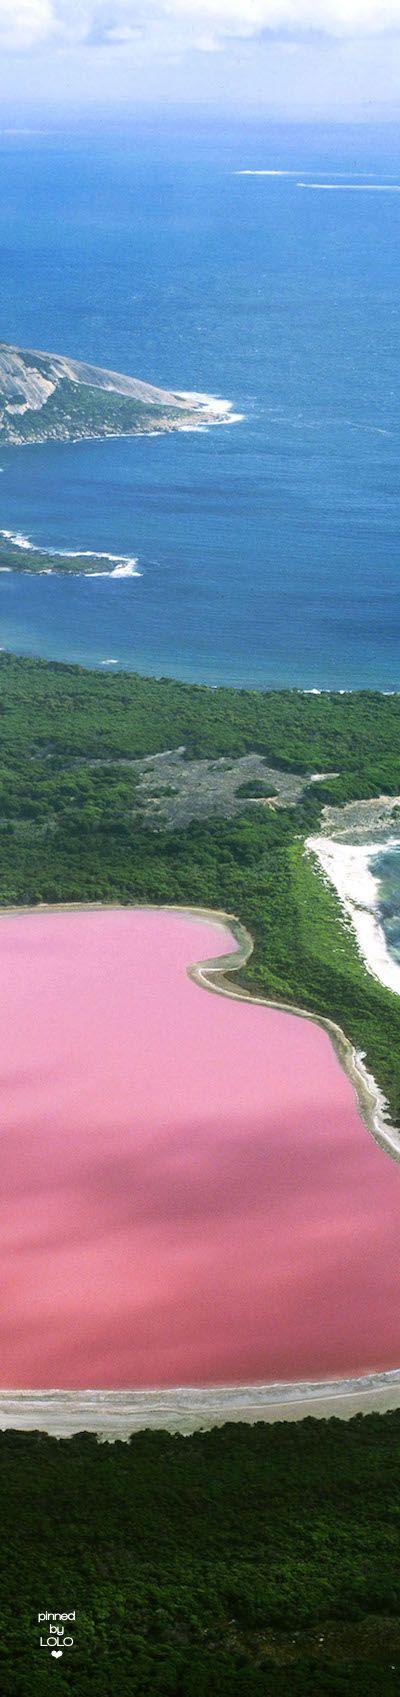 Hiller lake (pink lake), Western Australia